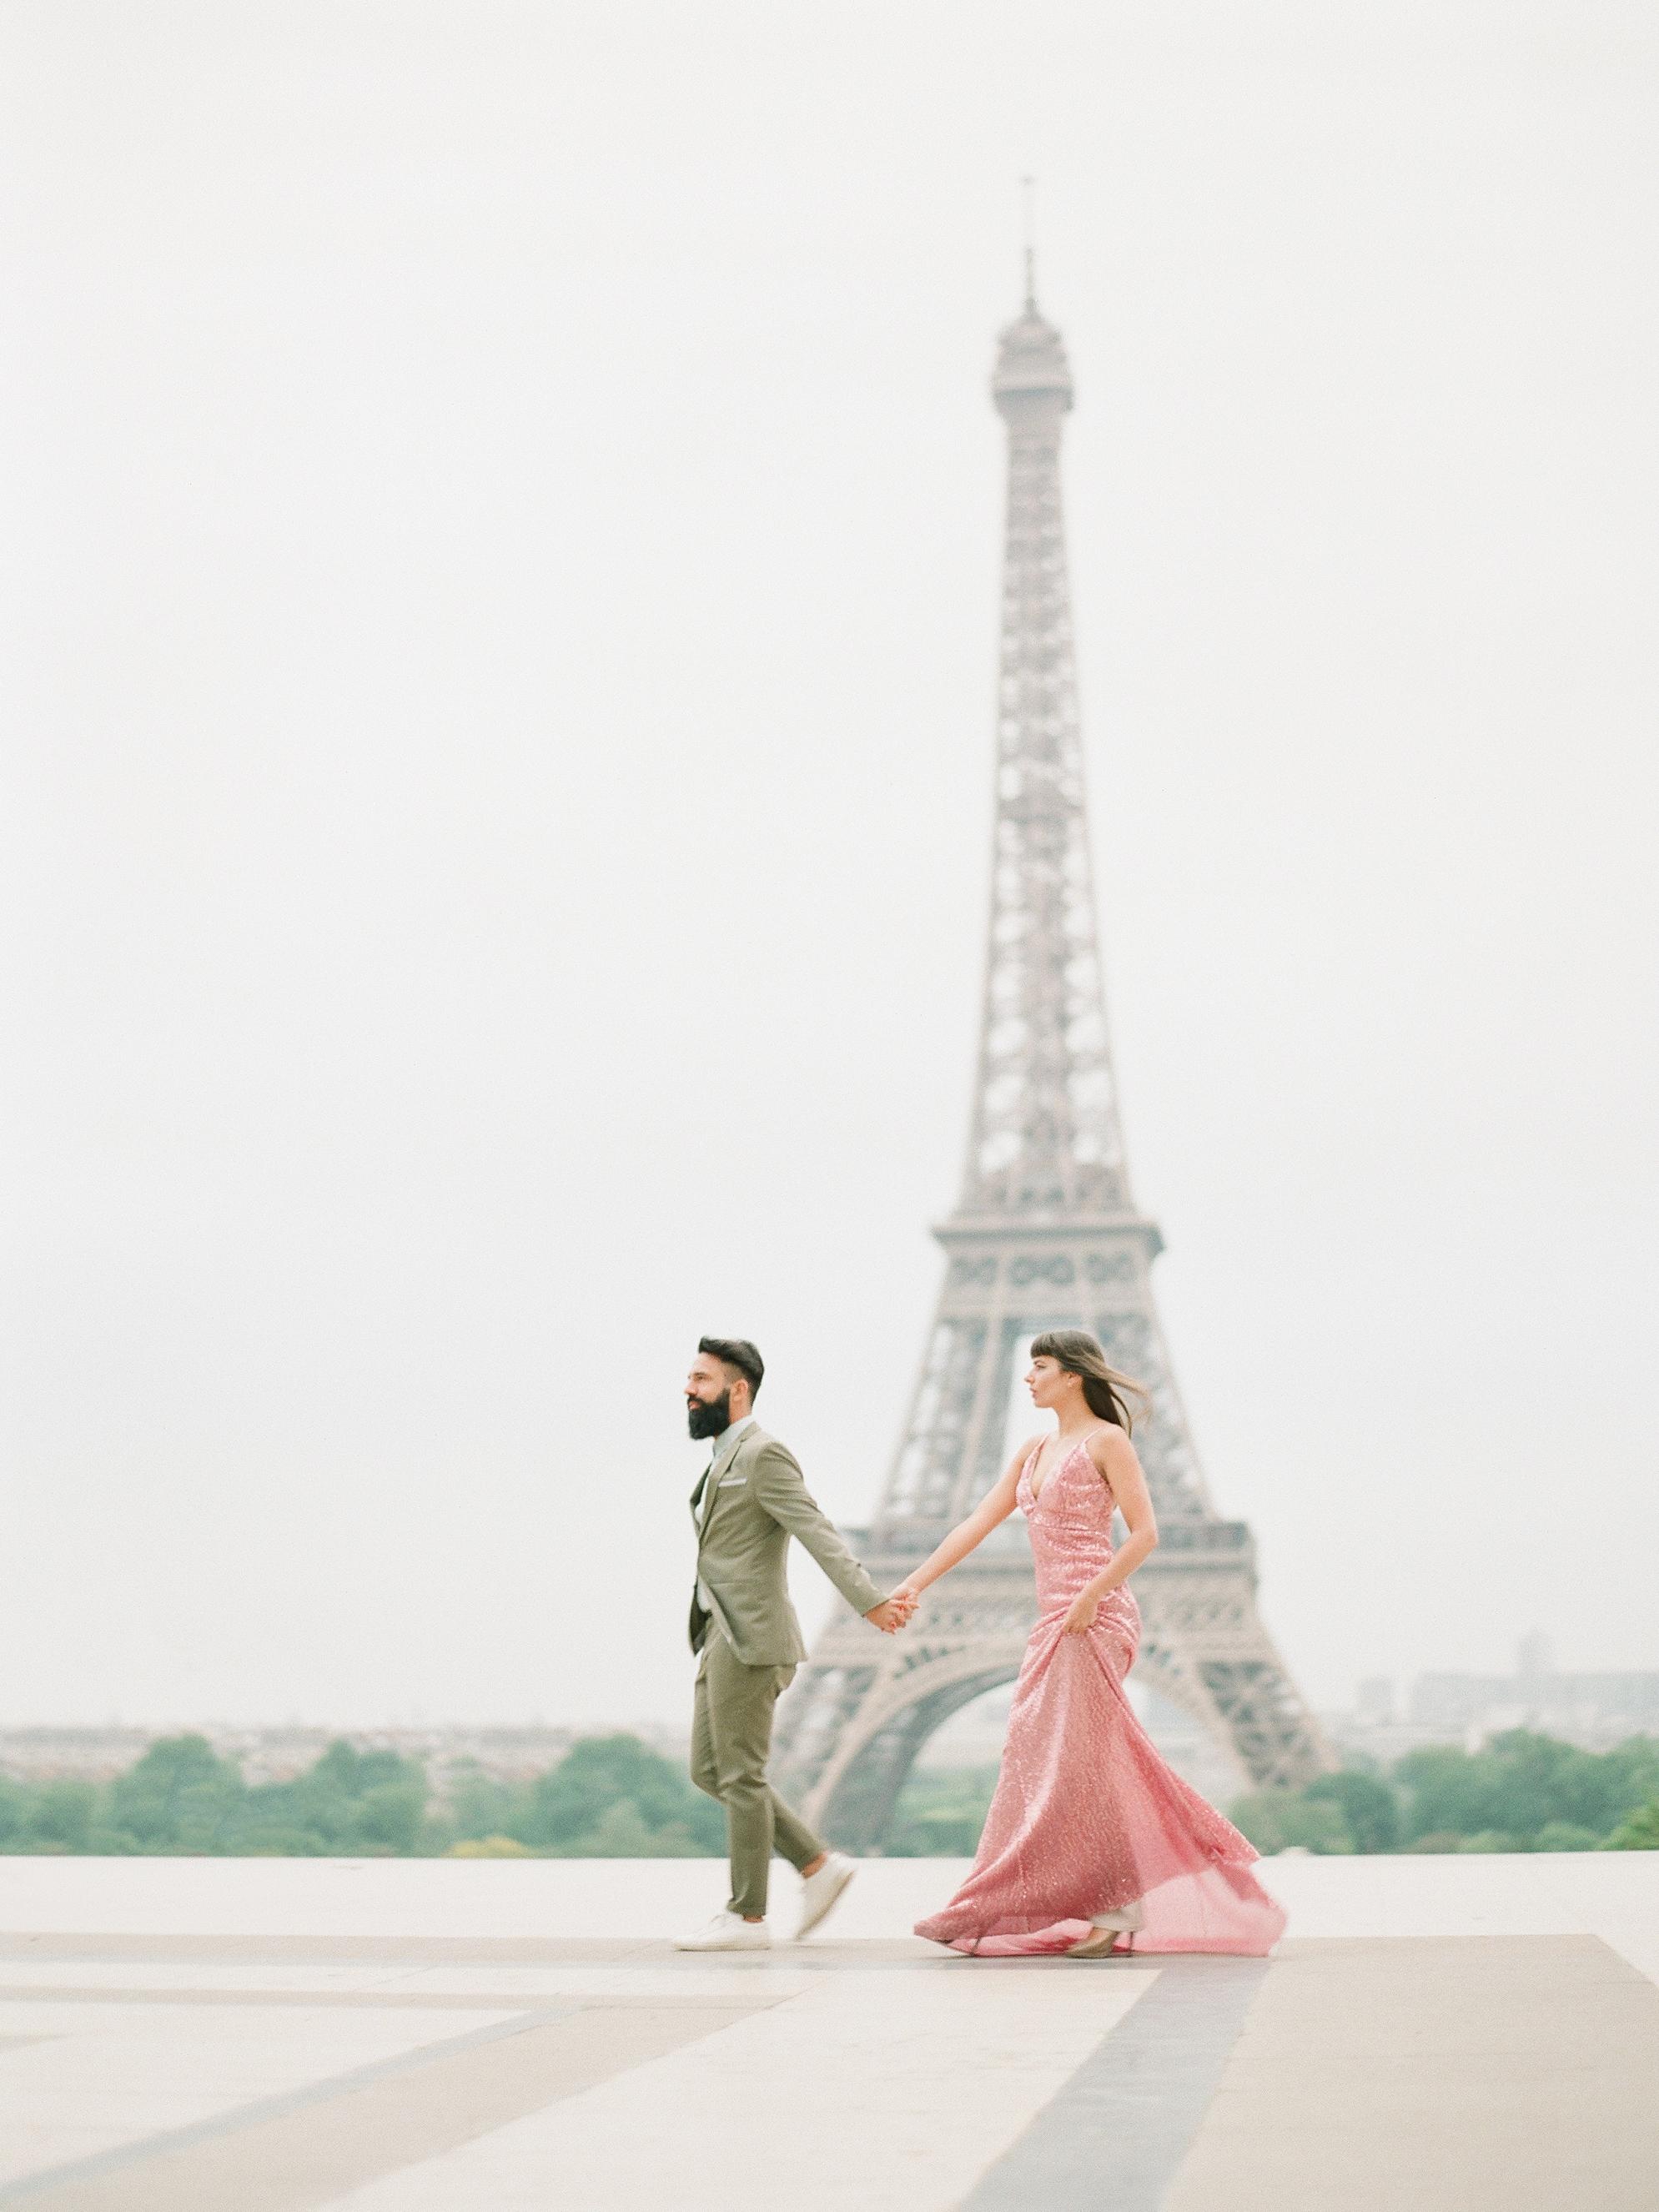 Engagement session Paris on film